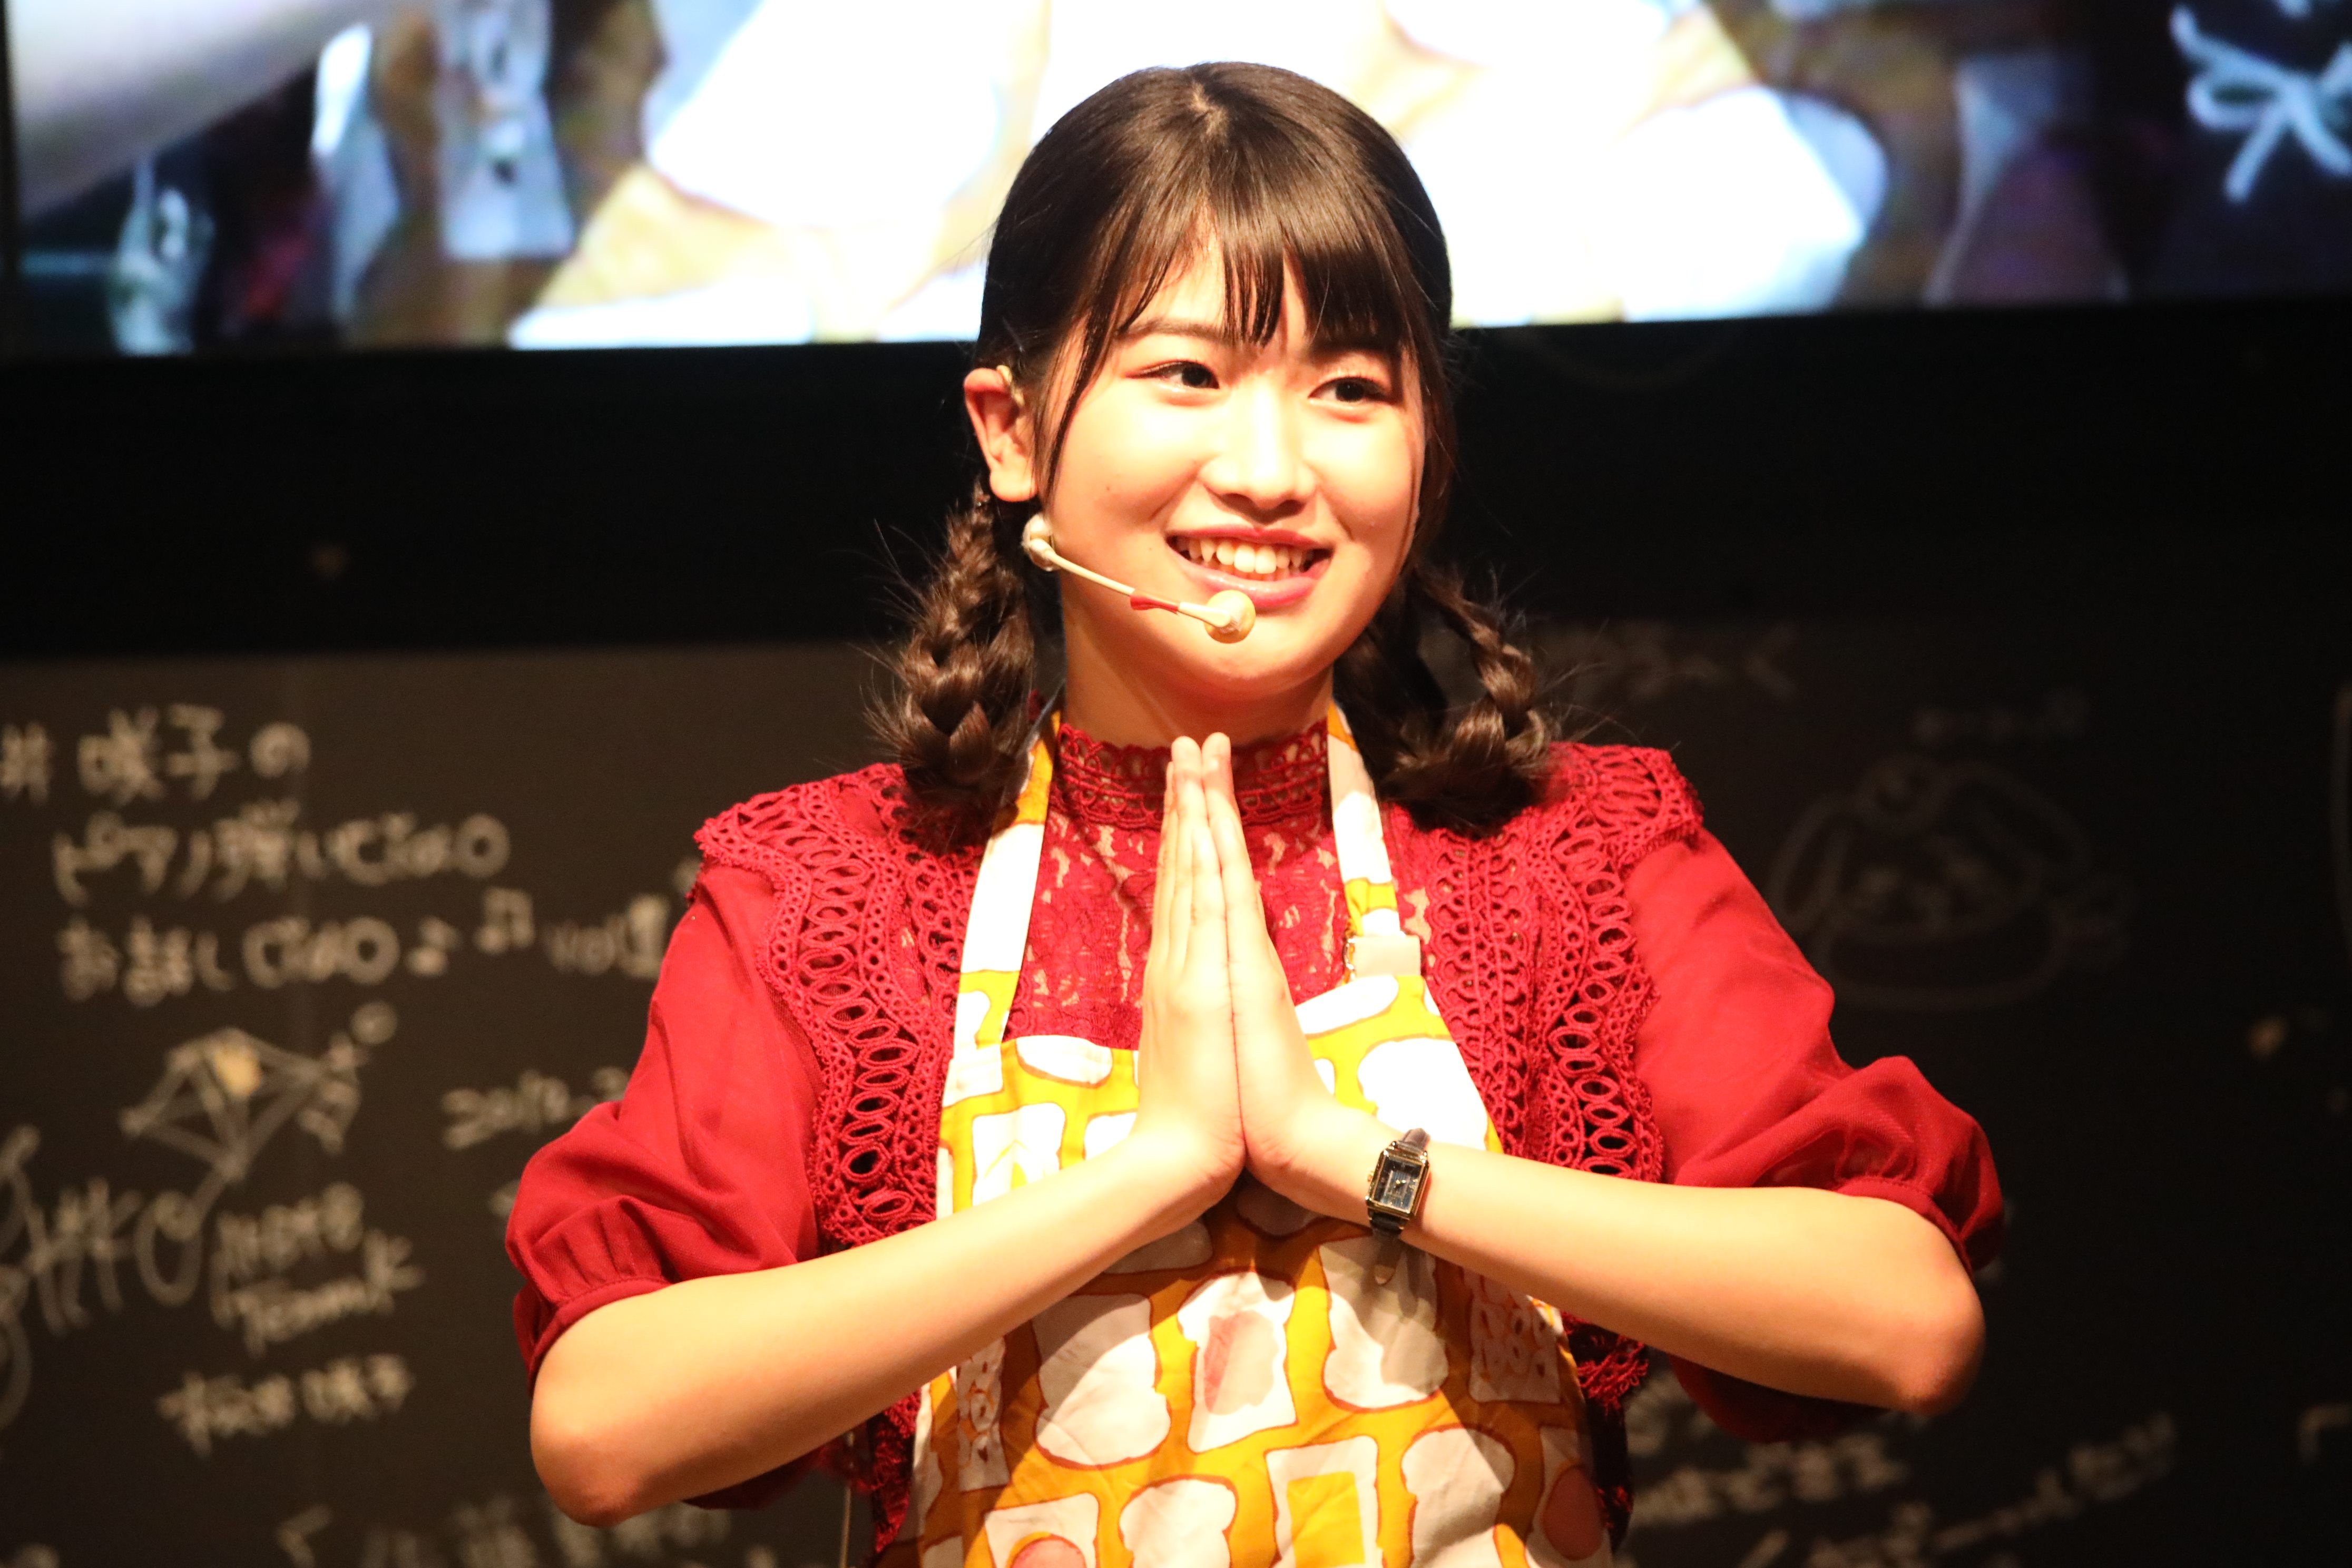 「ごちそうさまでした!」の挨拶をする高橋彩香